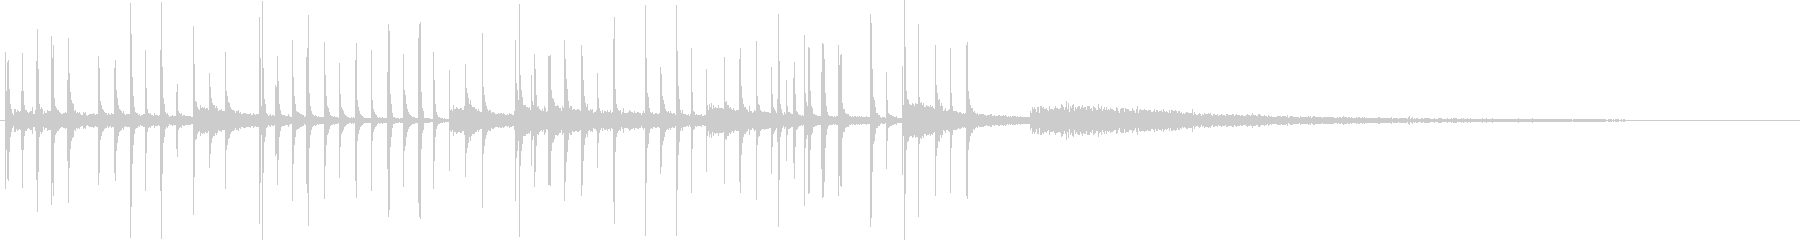 木琴メロディ:中華鍋:中世、コメデ...の未再生の波形